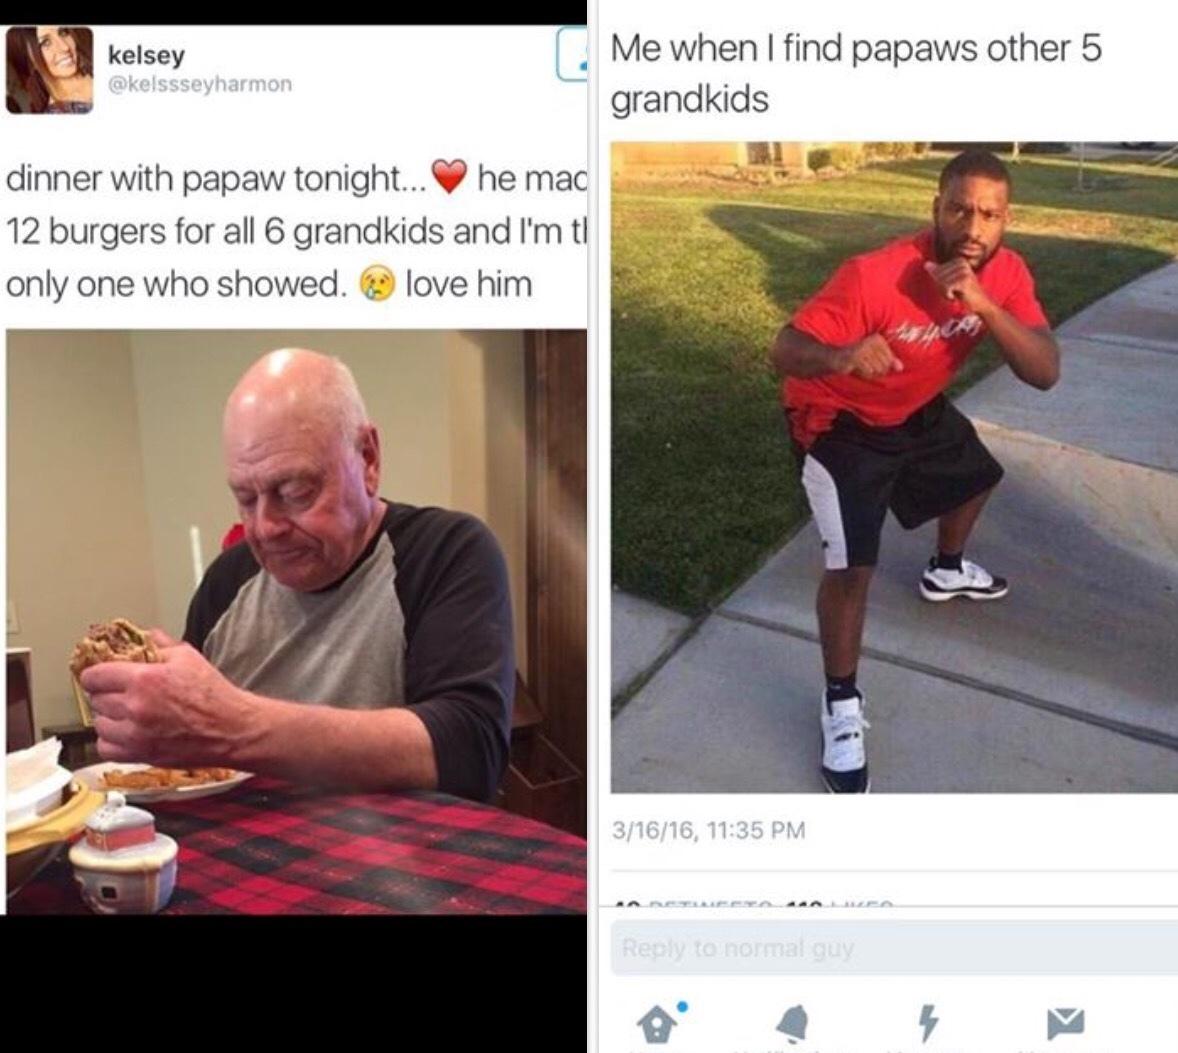 whoop them grandkids - meme